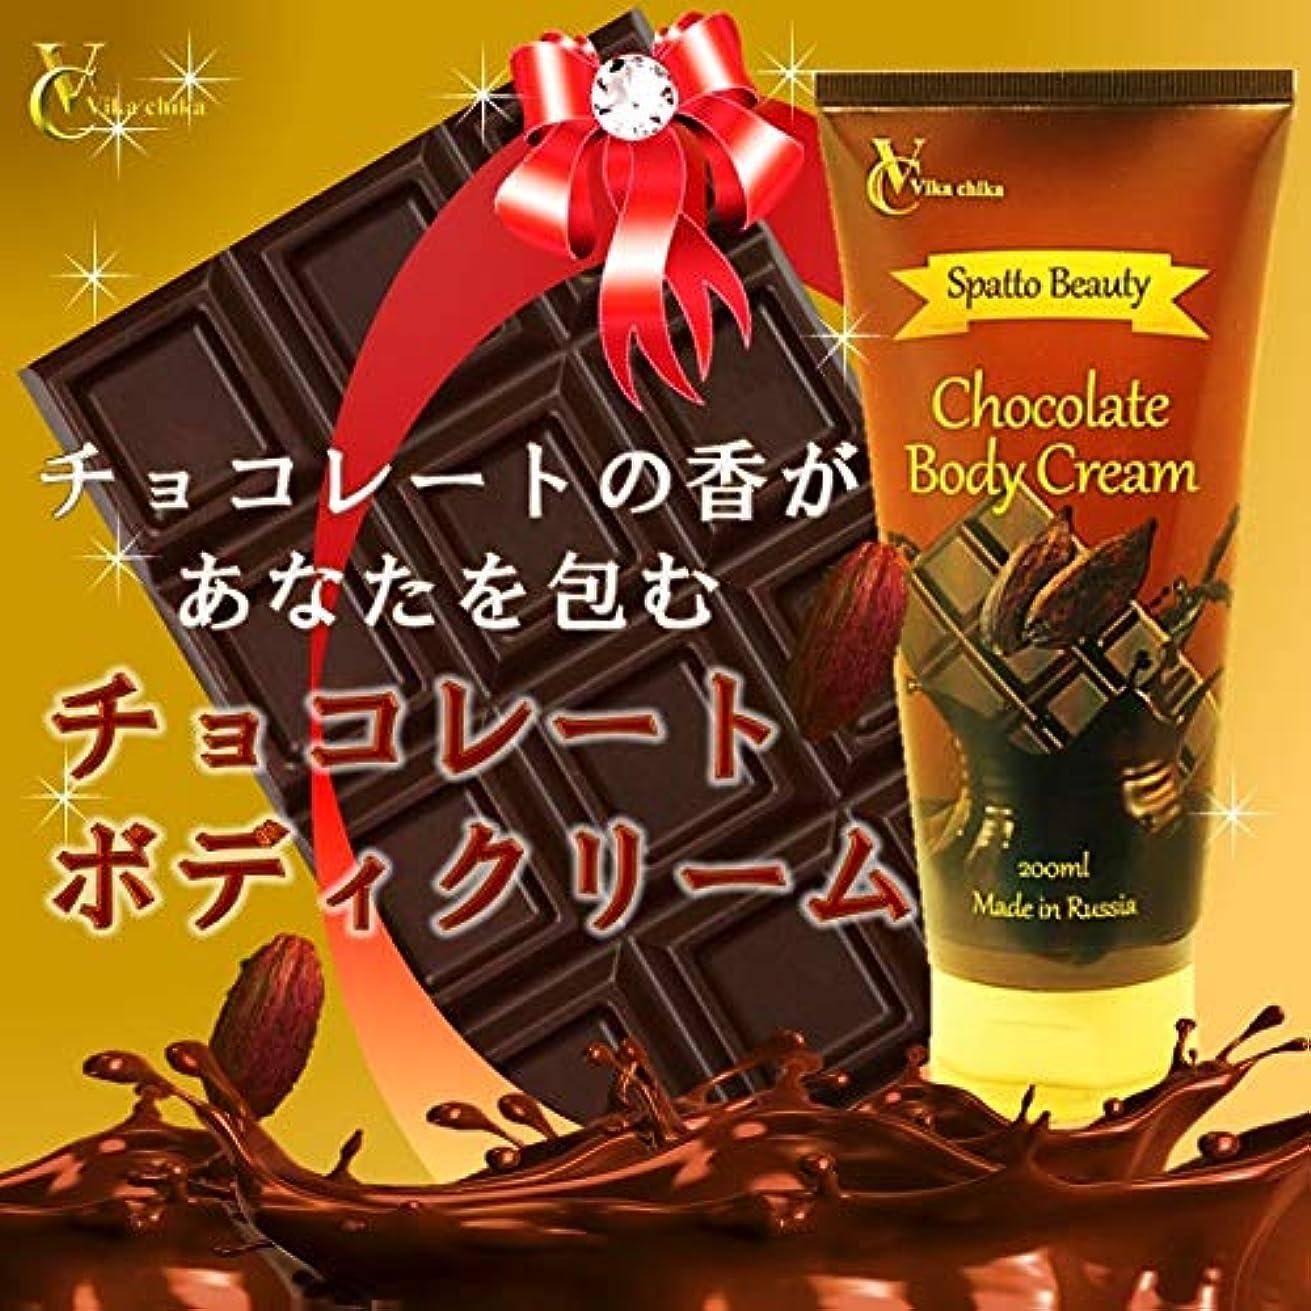 日焼け出血影響するビッカチカ スパッと ビューティ チョコレートボディクリーム 200ml